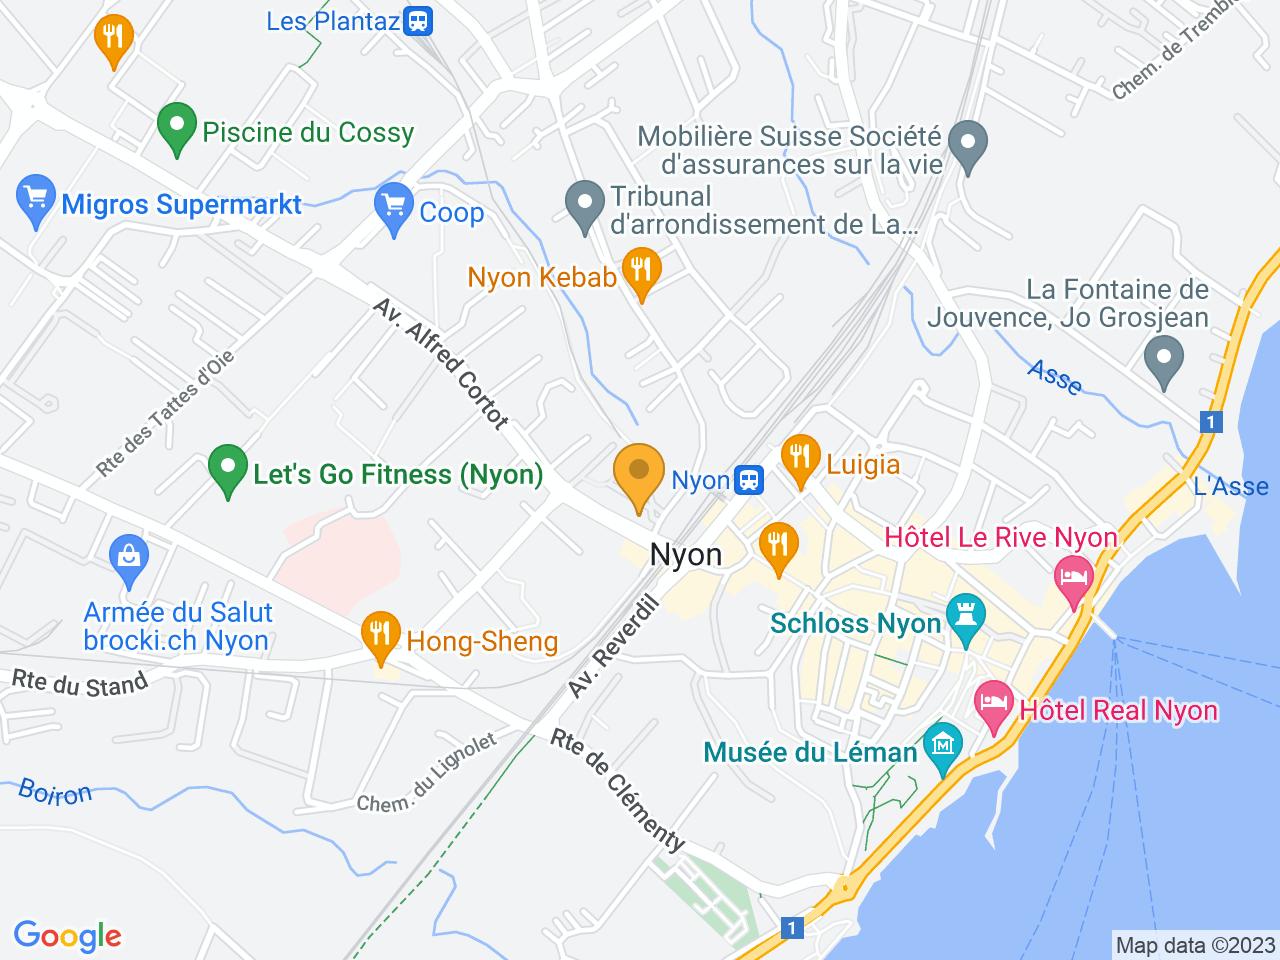 Rue de la Morâche 9, 1260 Nyon